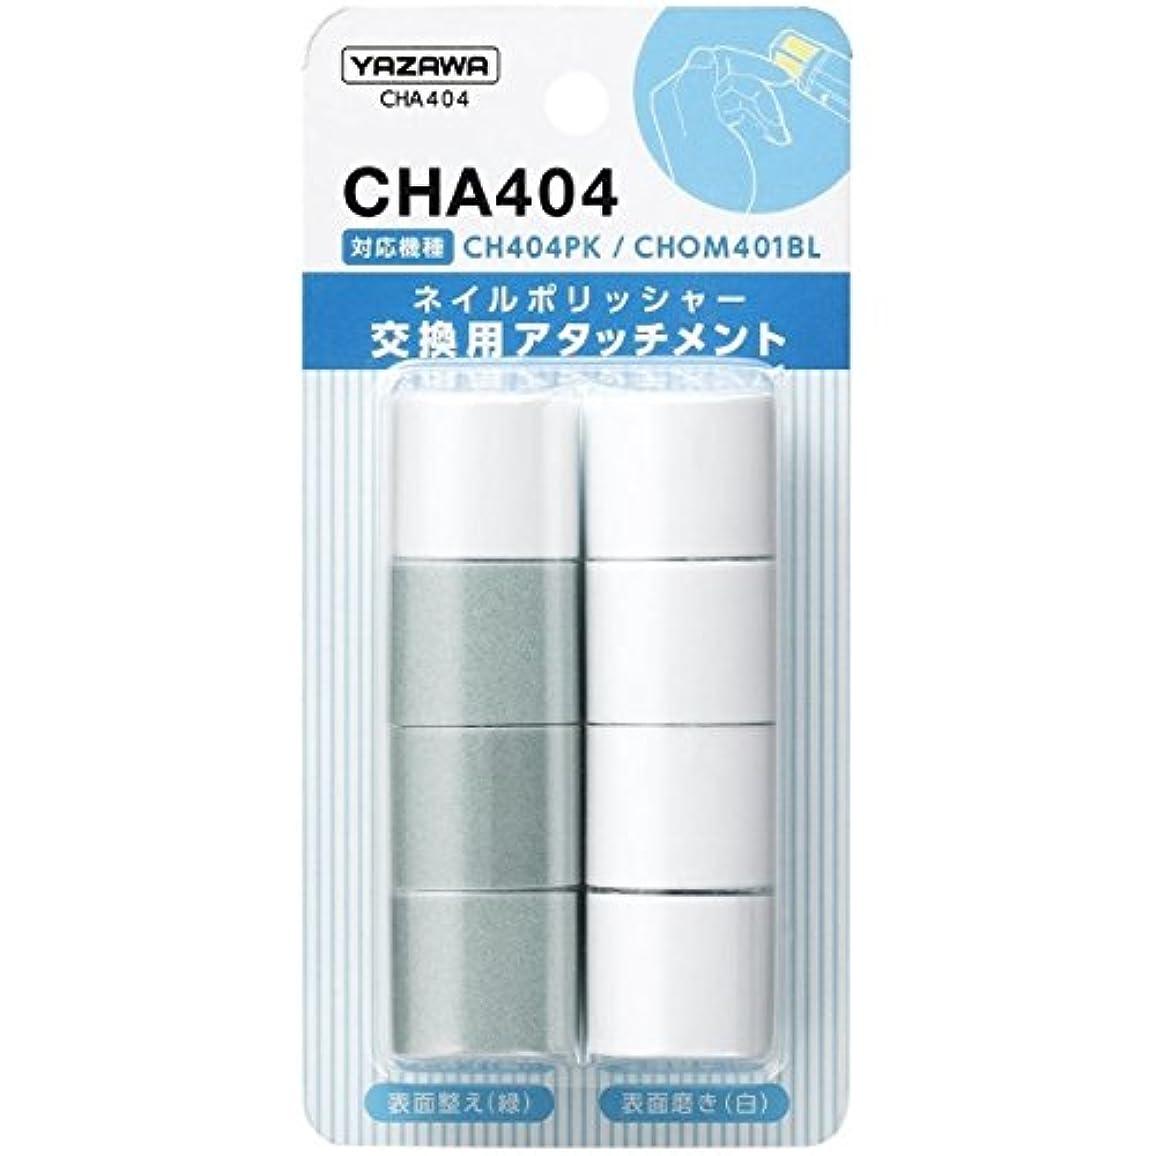 キルス動詞マカダムYAZAWA(ヤザワコーポレーション) ネイルポリッシャー交換用アタッチメント CHA404